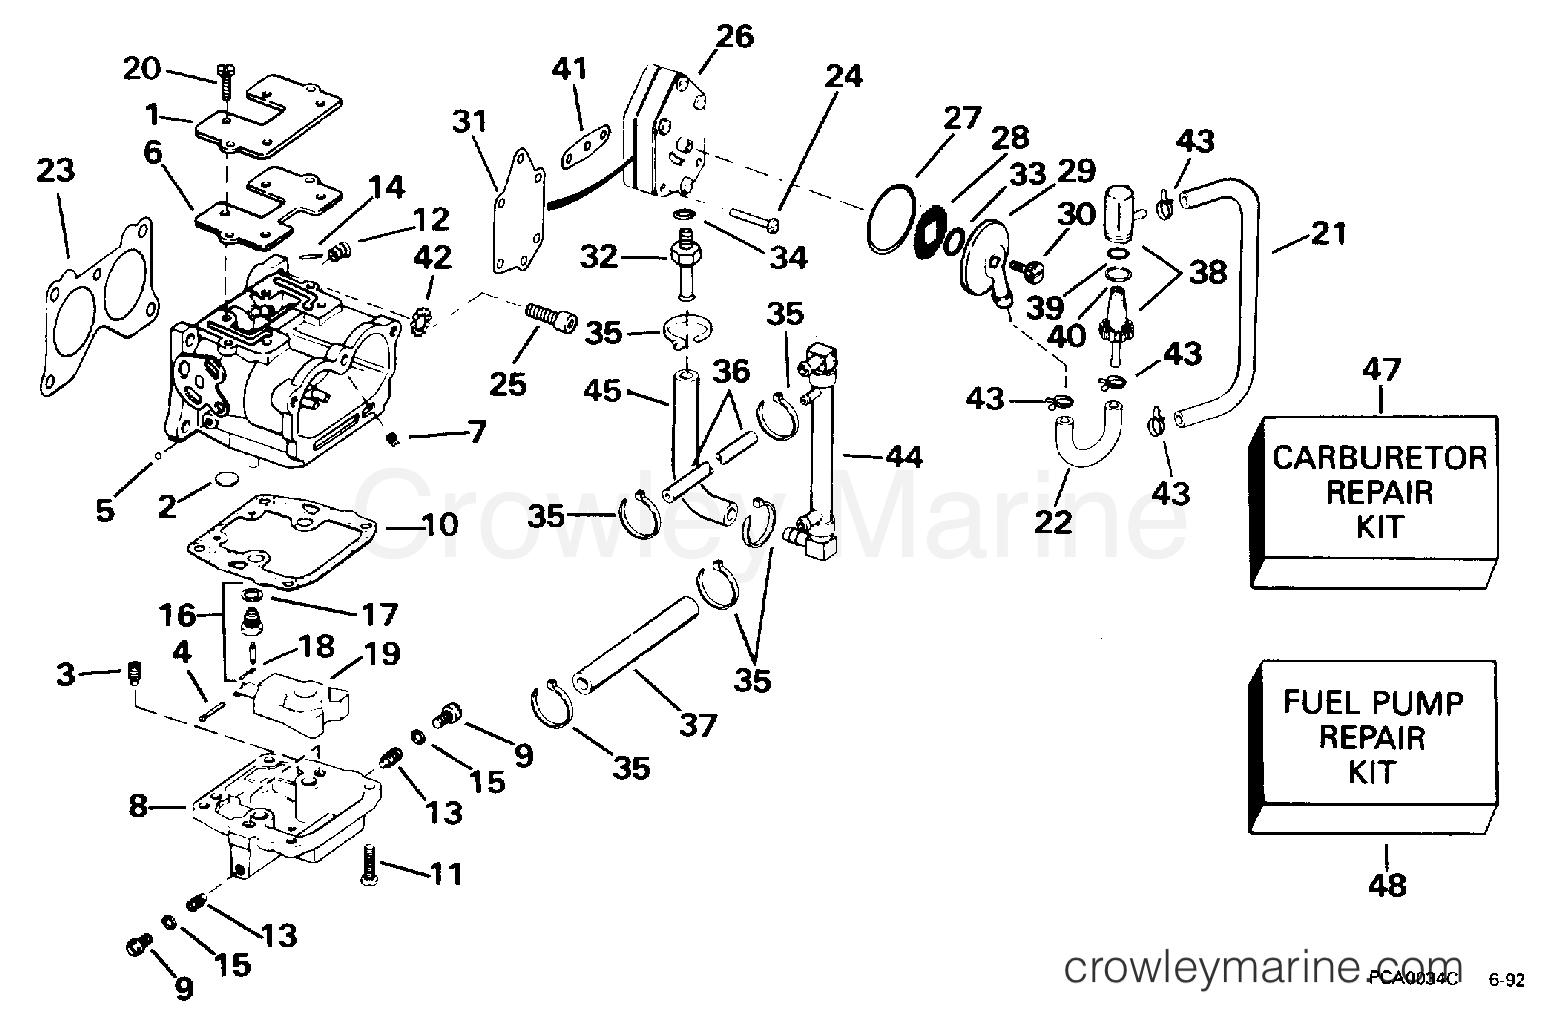 Carburetor Fuel Pump Amp Filter